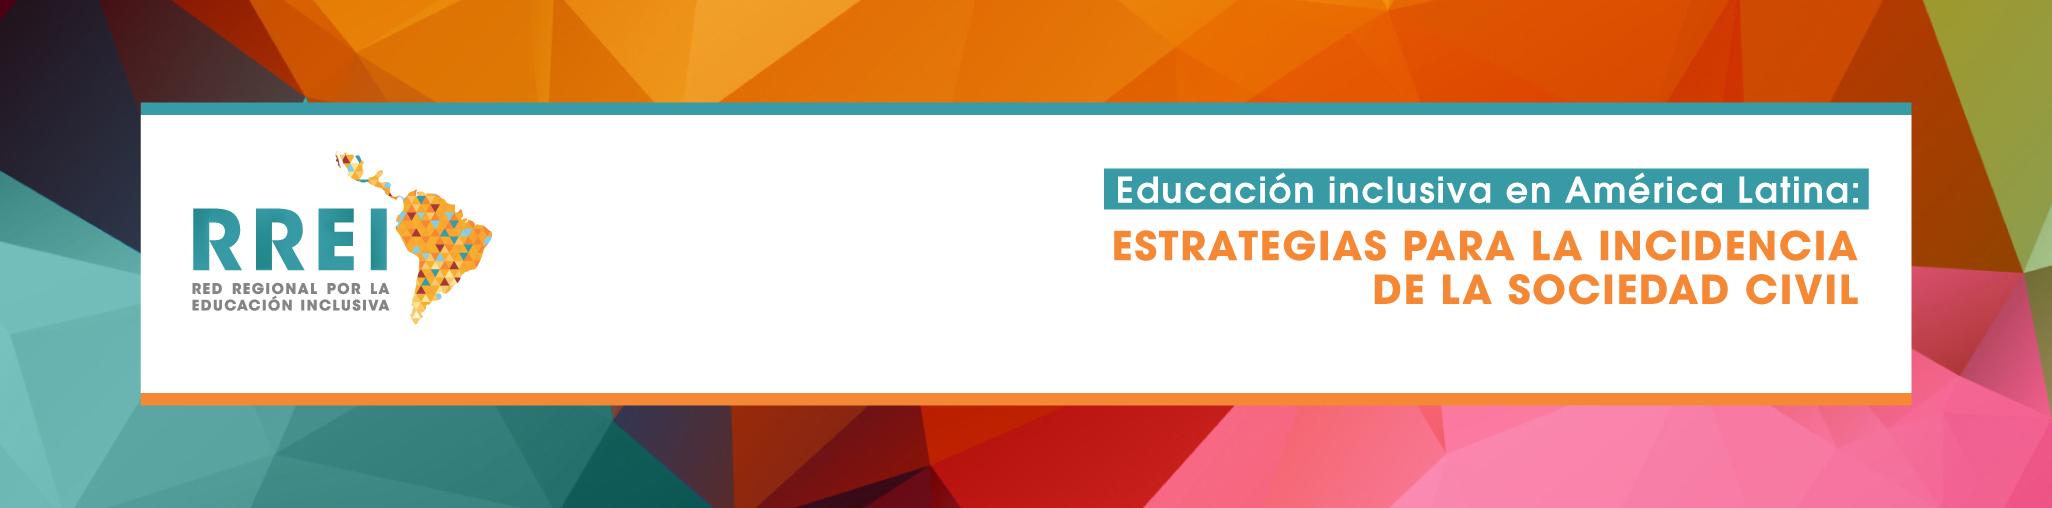 """ACIJ participó del encuentro """"Educación Inclusiva en América Latina: estrategias para la incidencia de la sociedad civil"""""""